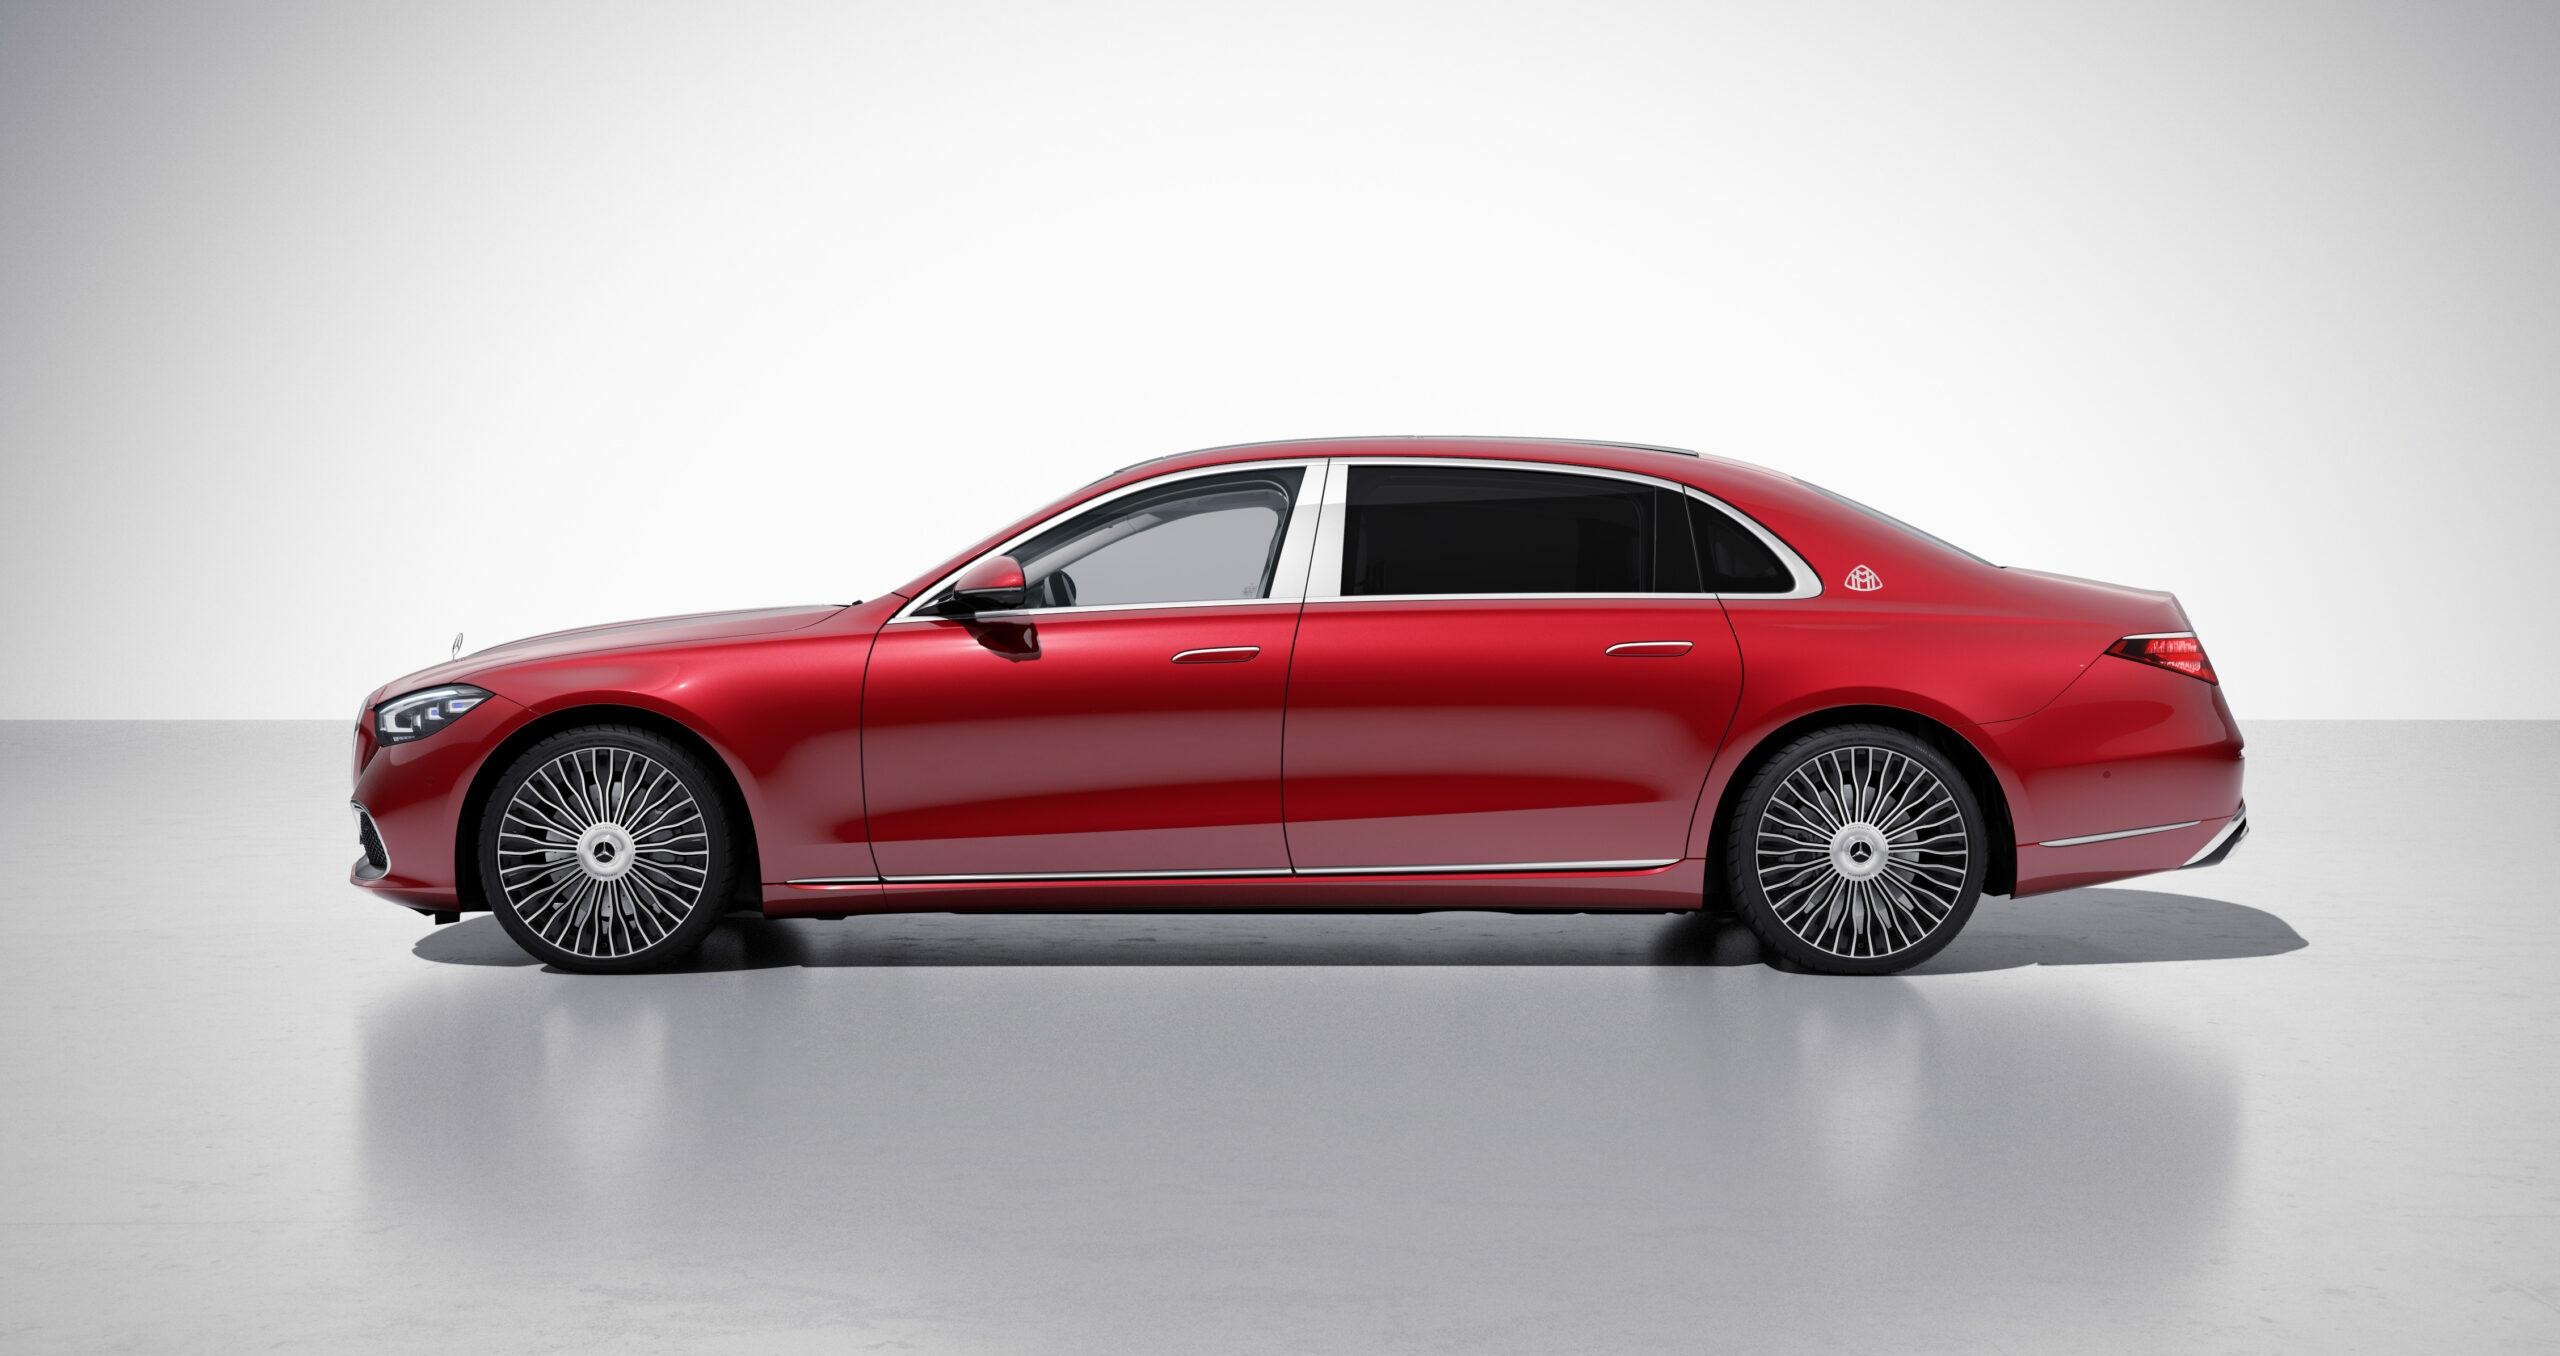 Neues Maybach-Modell: Verkaufsfreigabe im Mai - Markteinführung im Juni